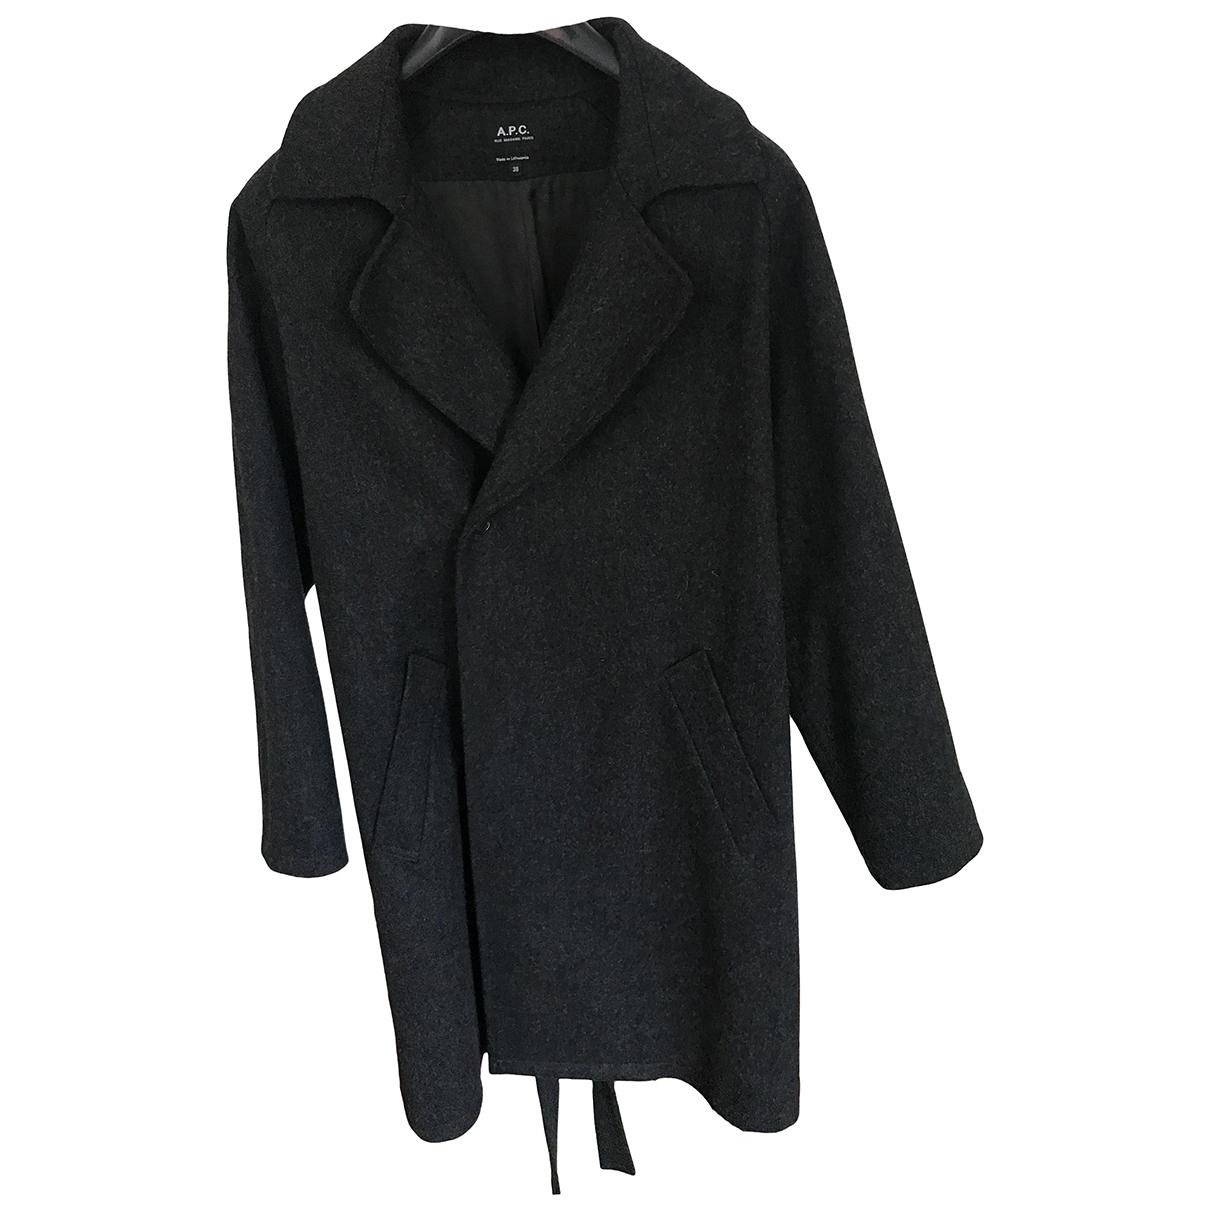 Apc - Manteau   pour femme en laine - anthracite